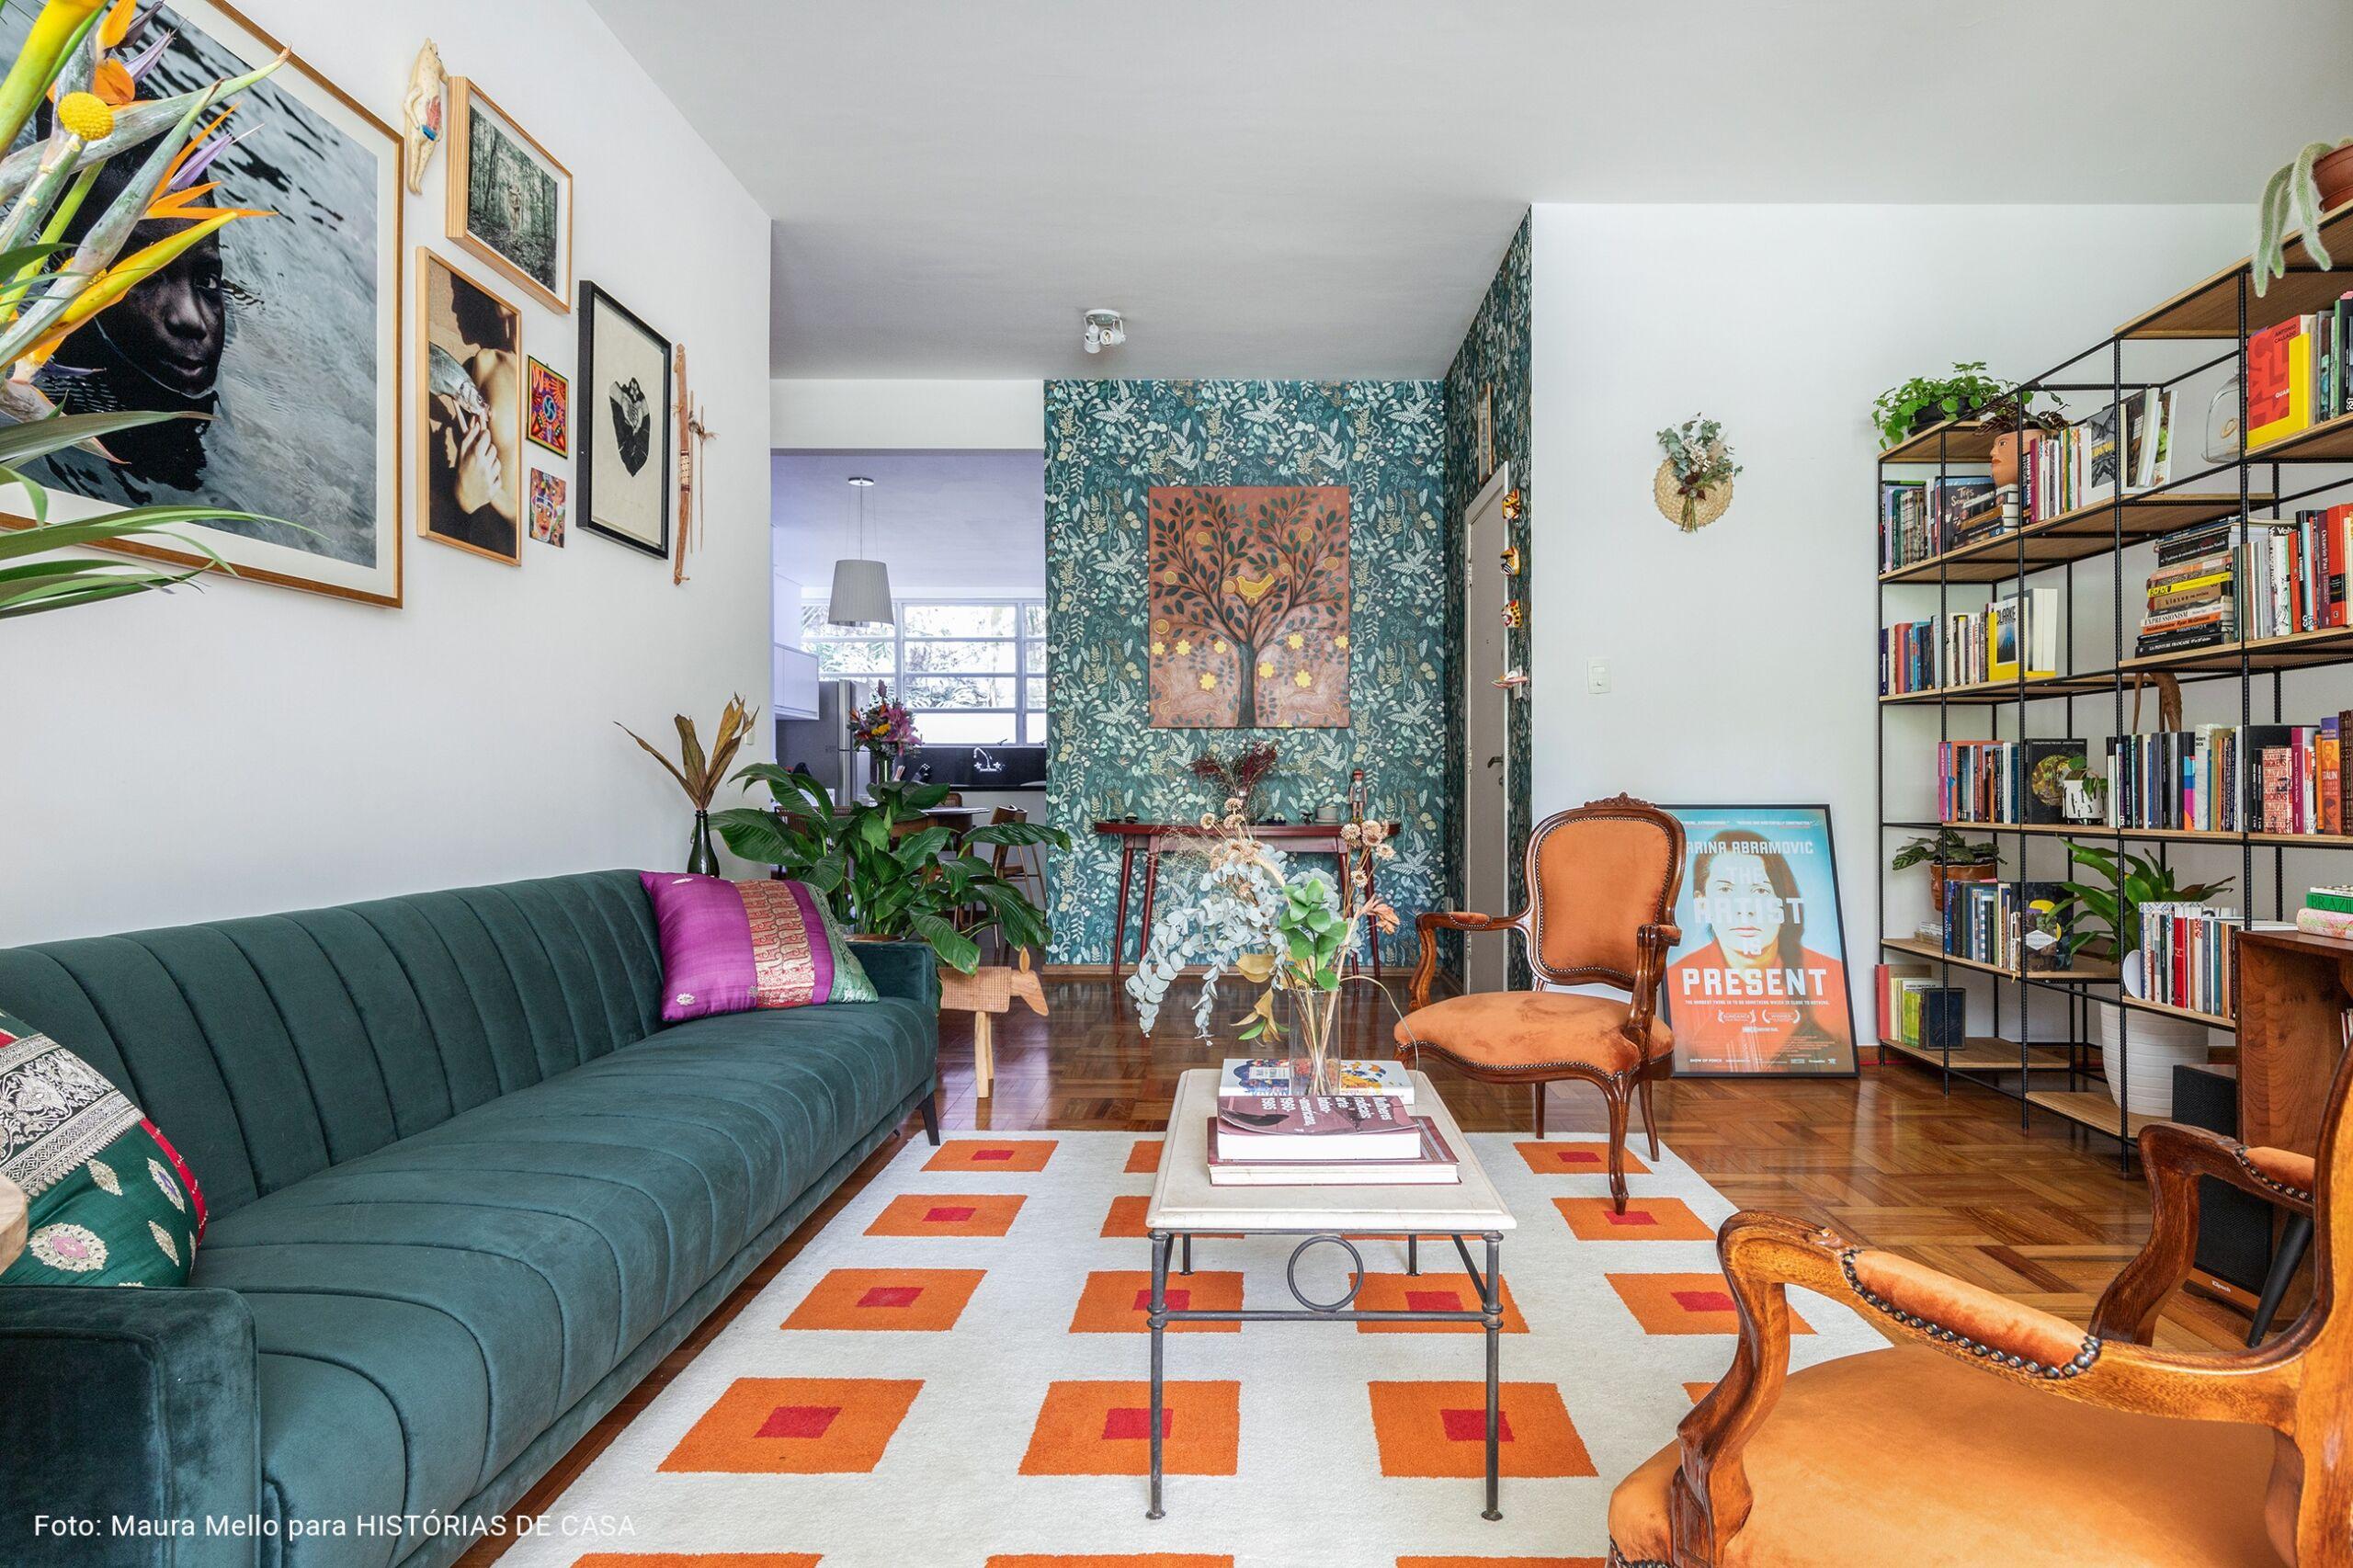 Sala integrada com piso de tacos e tapete colorido